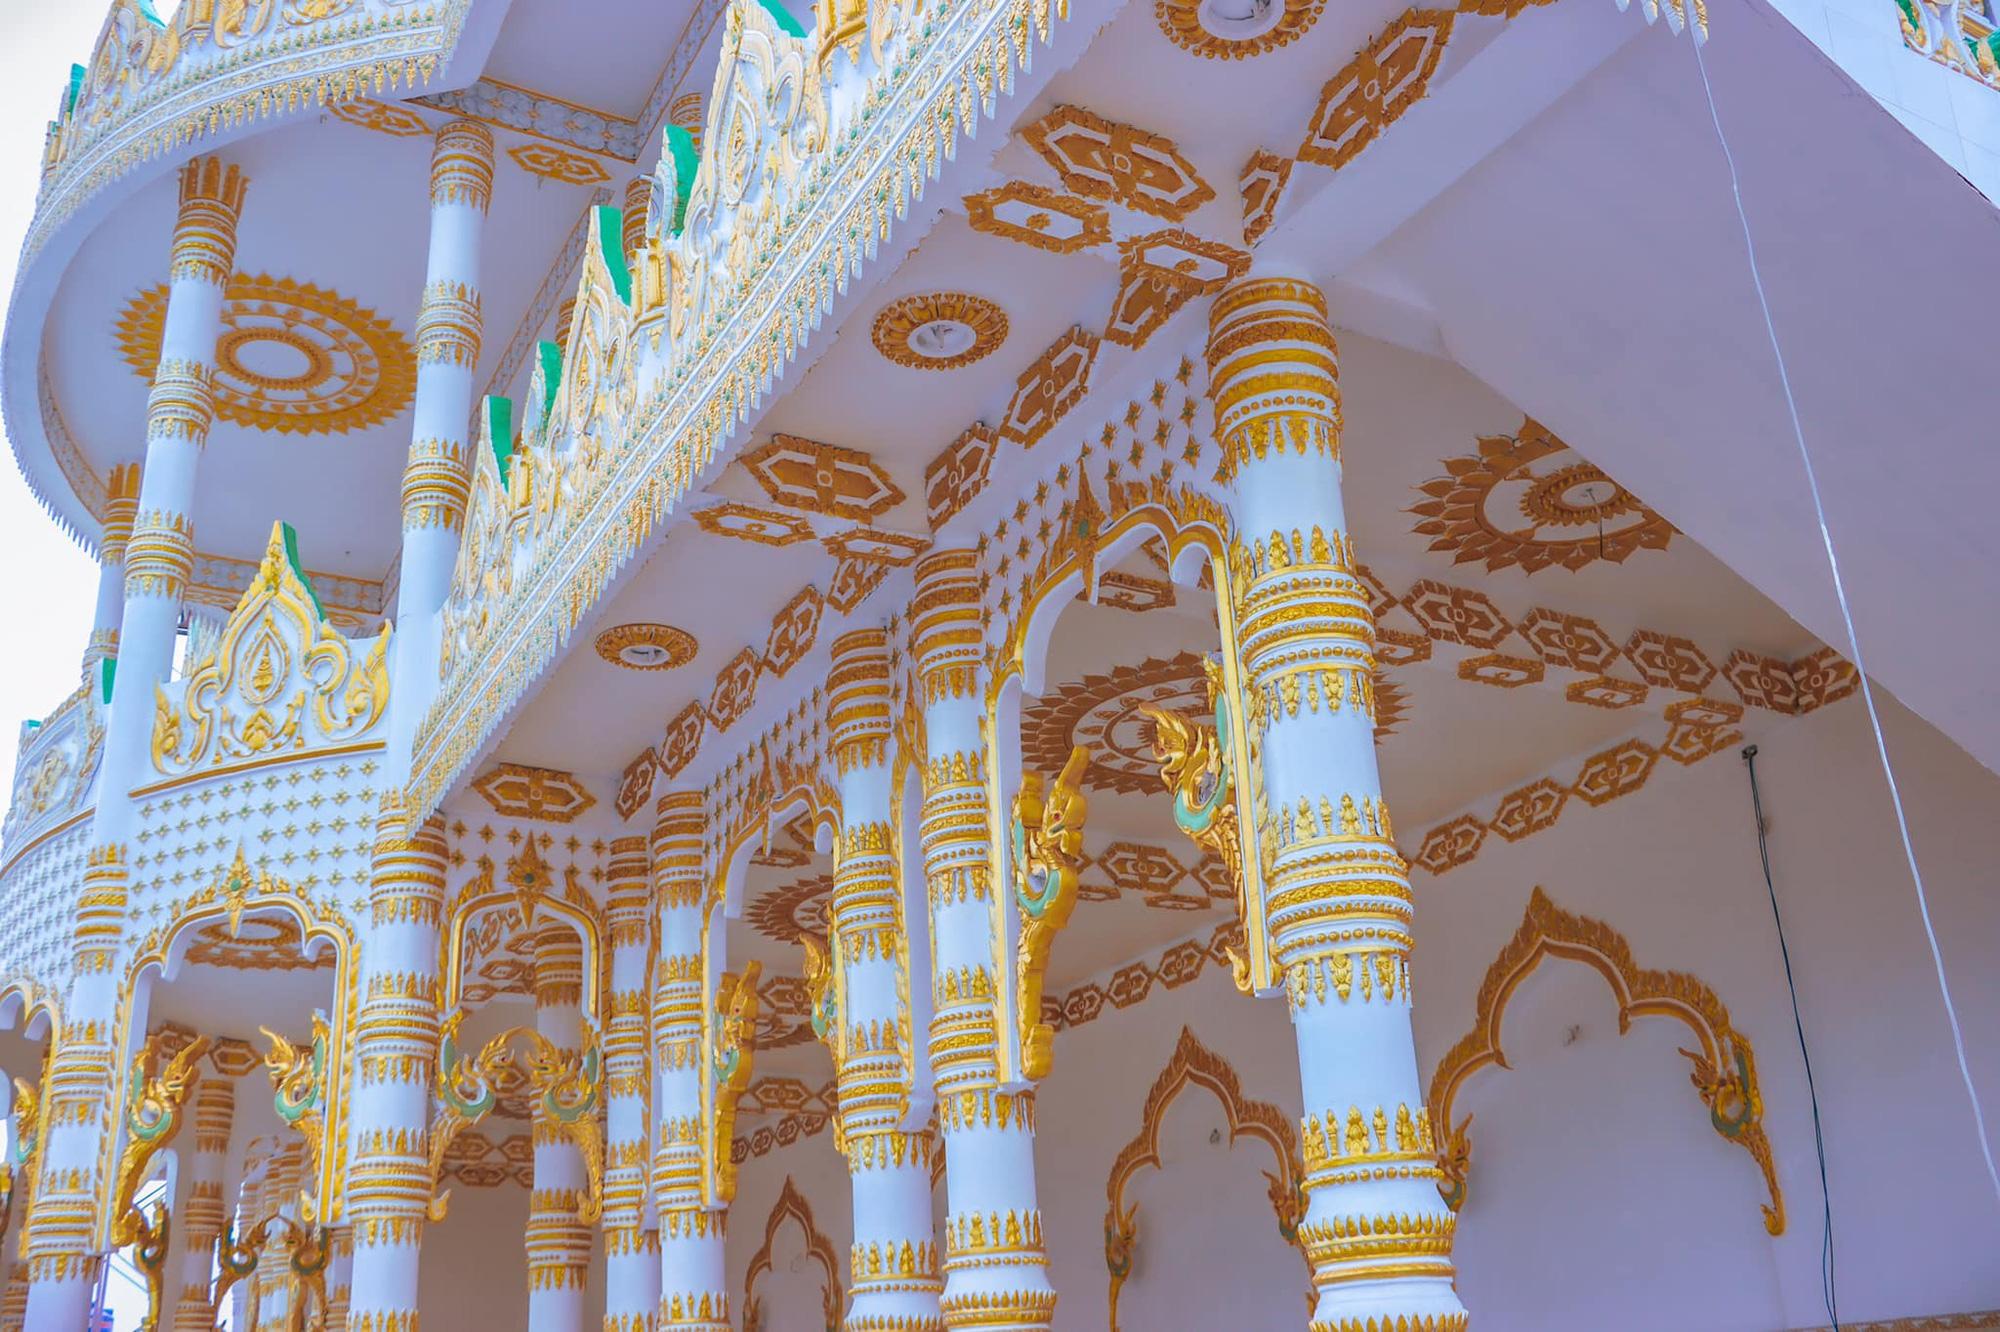 """Độc đáo ngôi chùa """"Thái Lan"""" đang sốt rần rần ở tỉnh Sóc Trăng - Ảnh 2."""